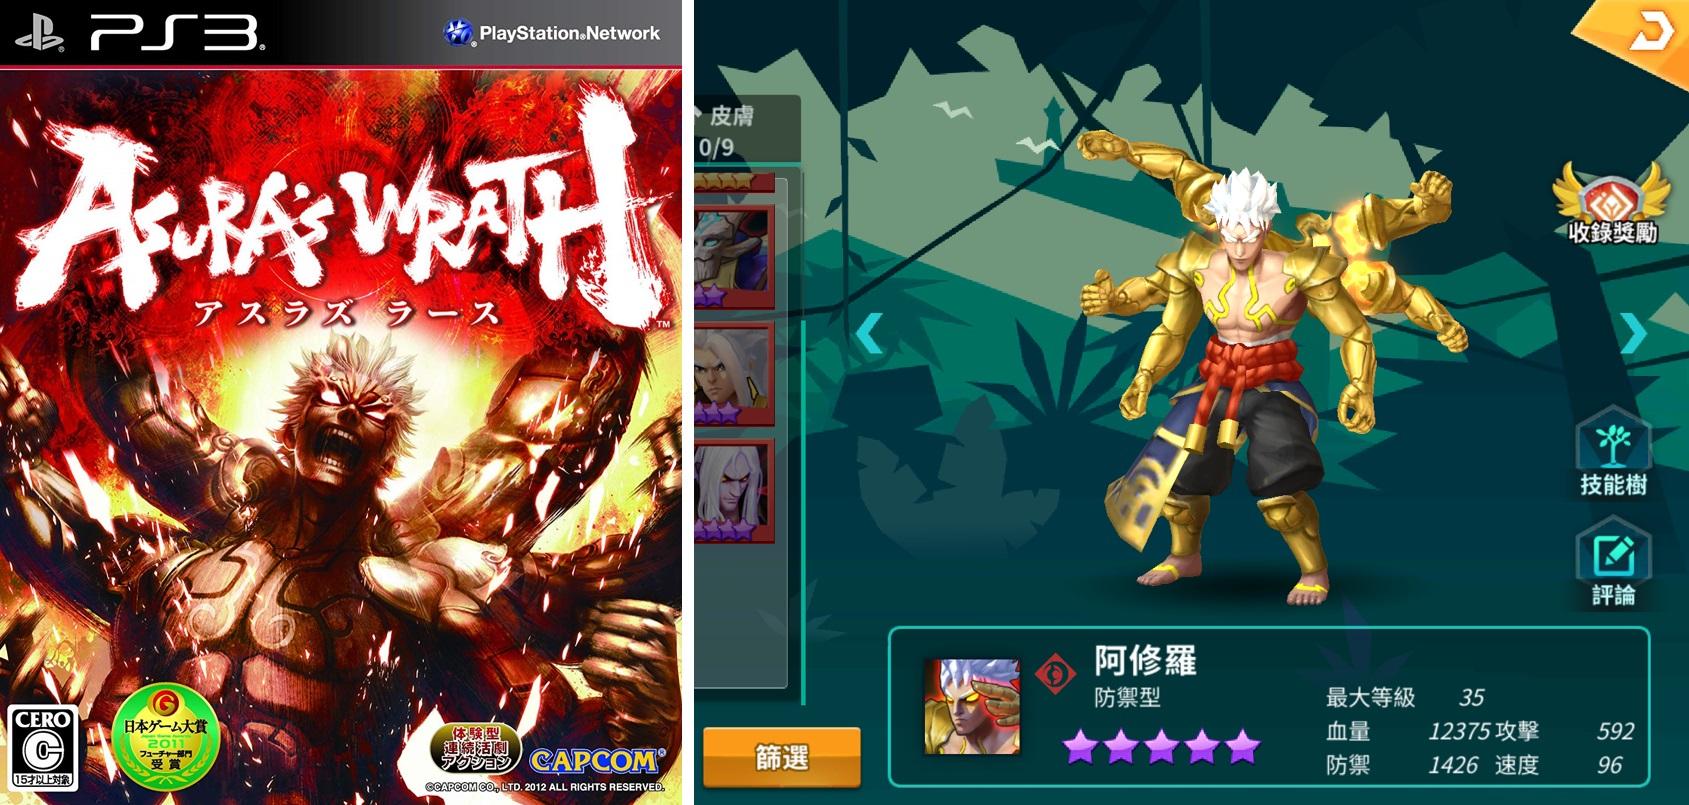 PCGAME遊戲抄不過癮 連PS3遊戲《阿修羅之怒》也來抄一抄吧